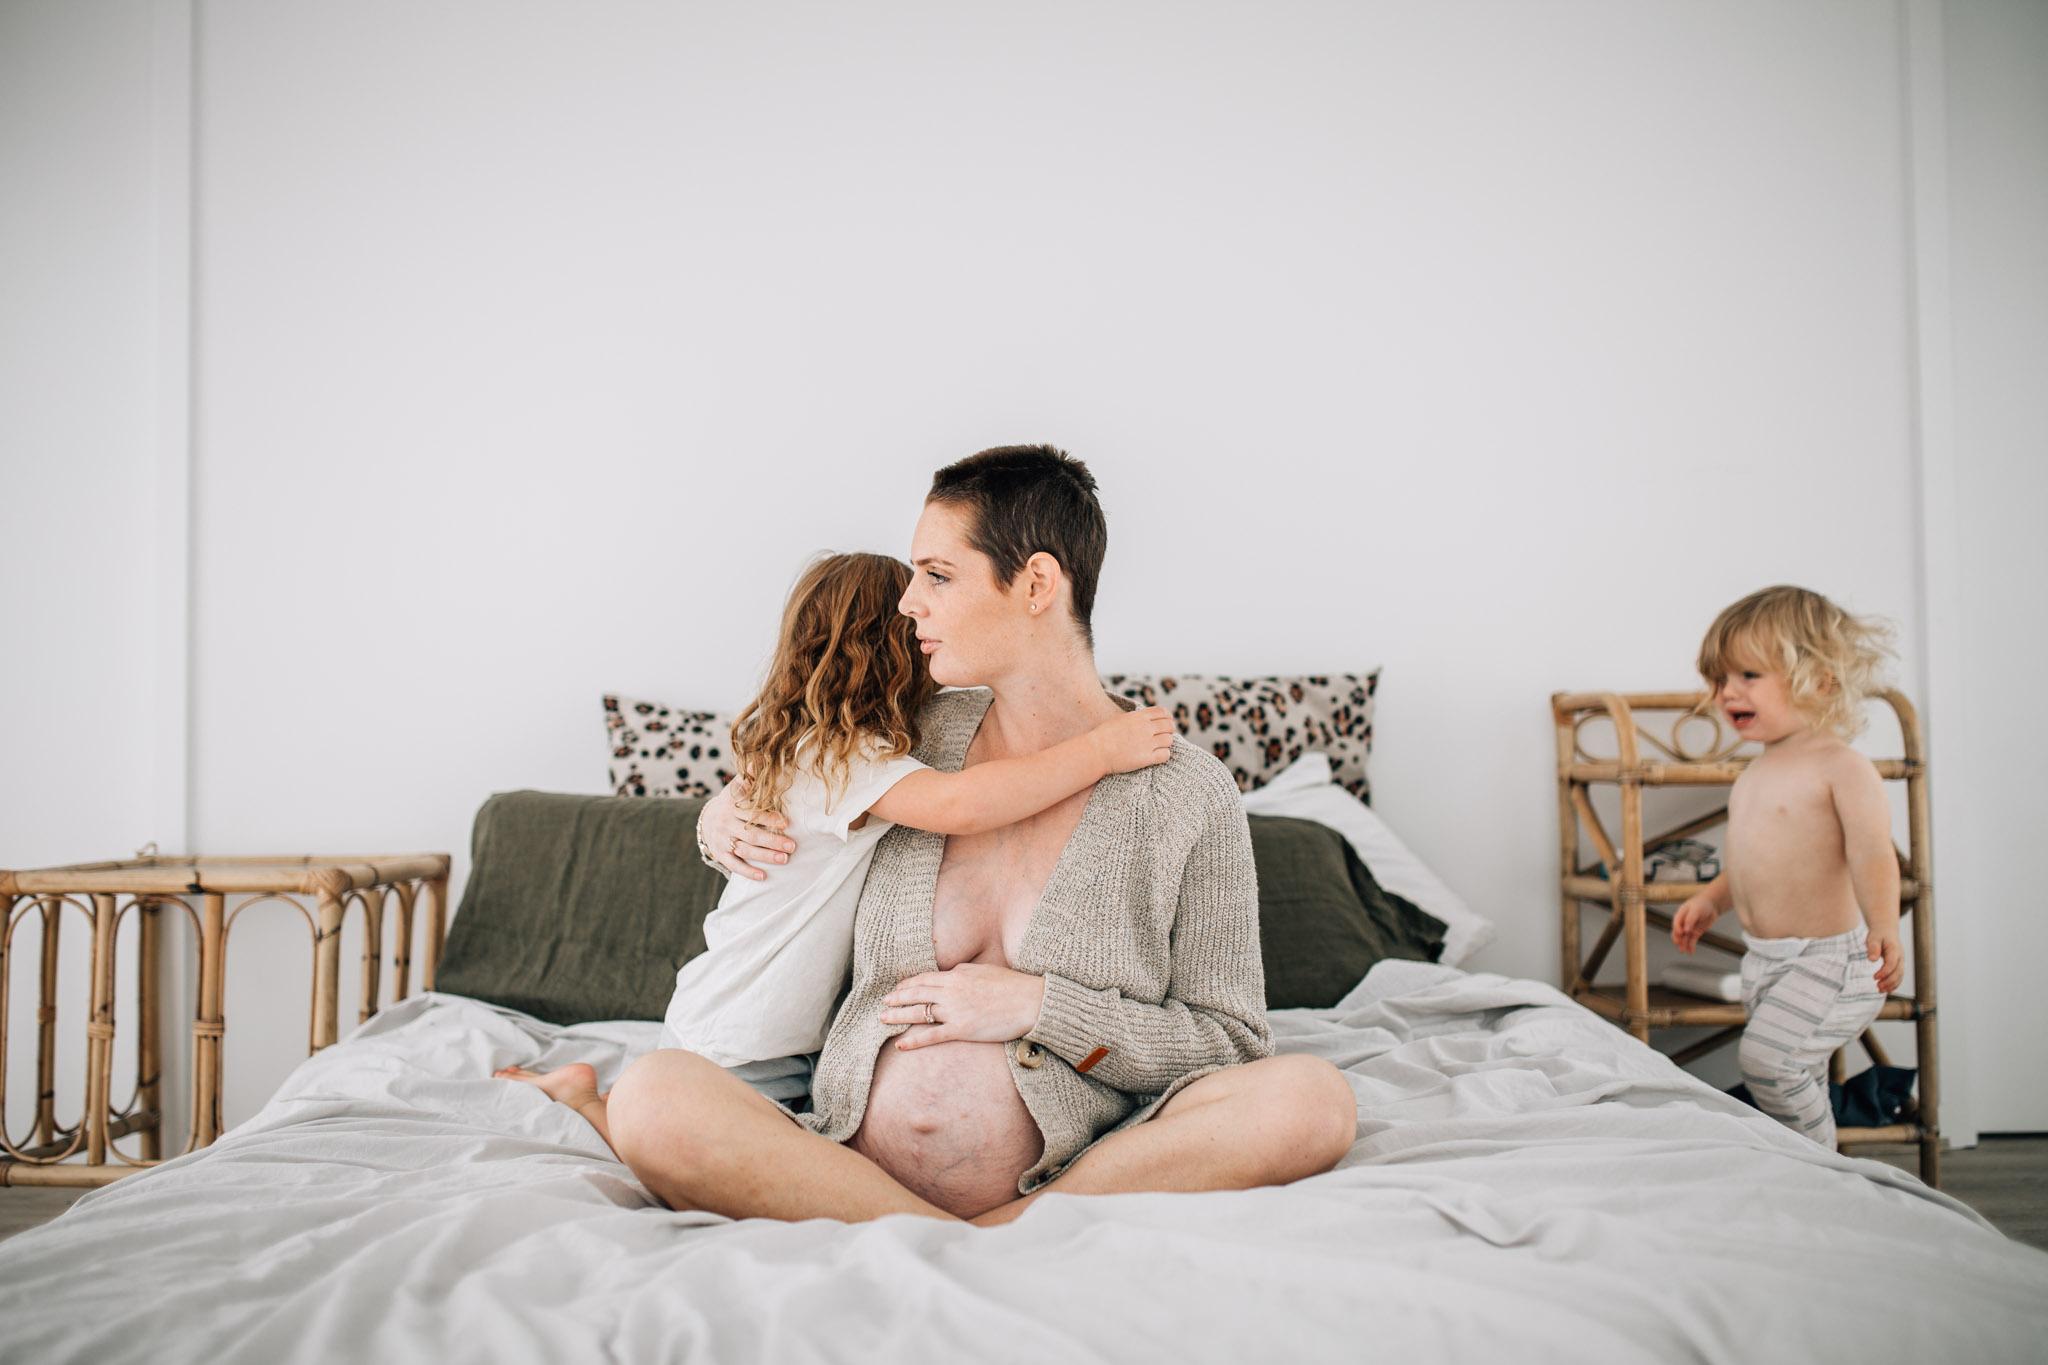 family-on-bed-XV (1 of 1).jpg